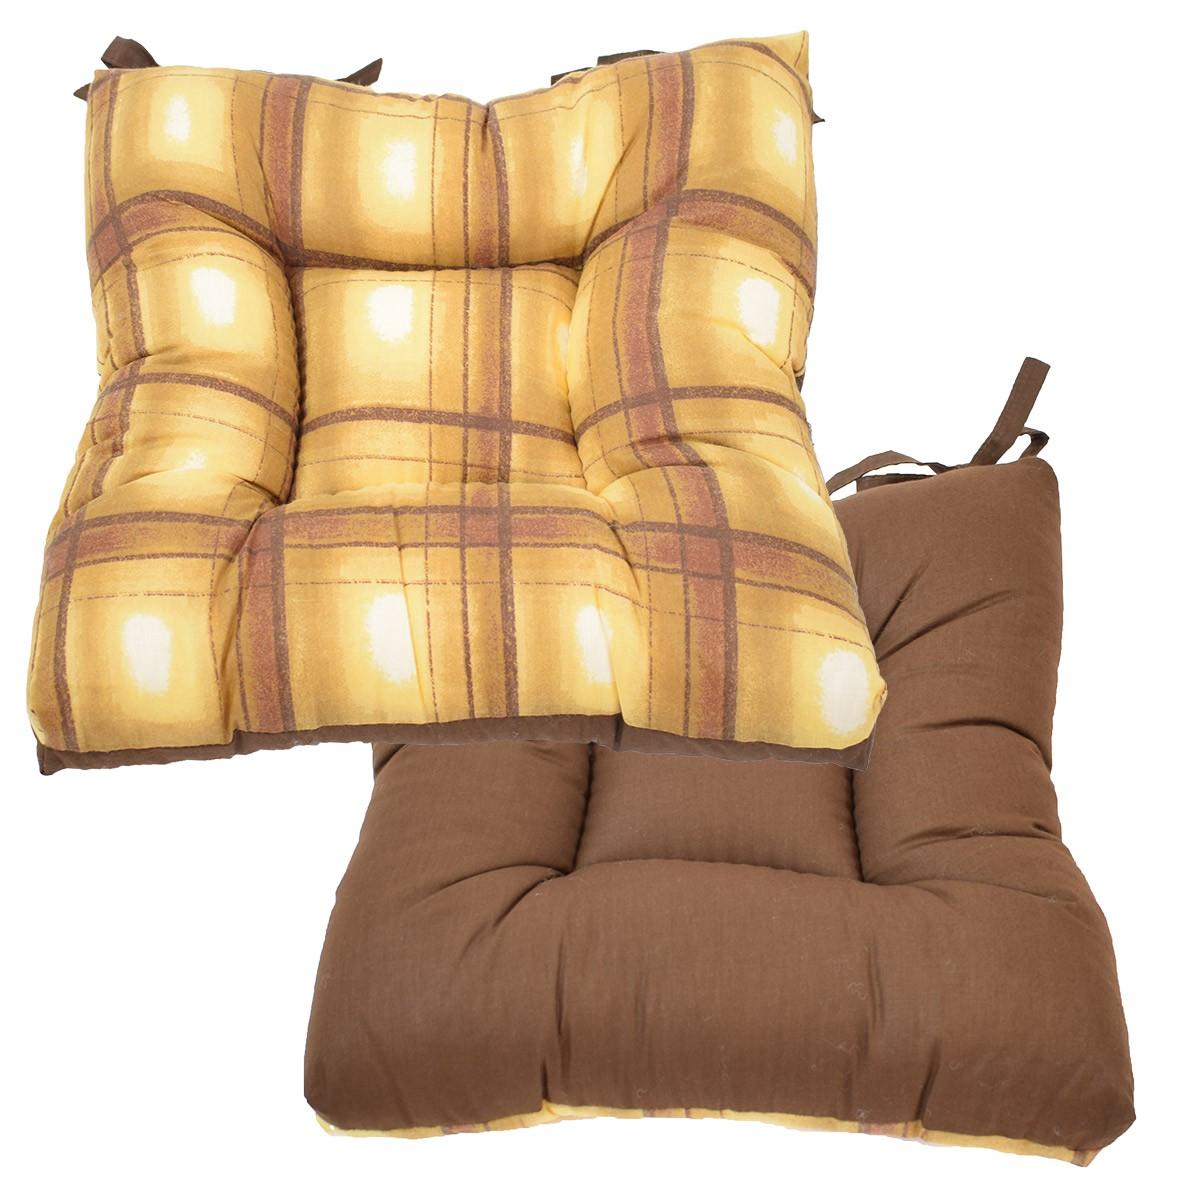 Μαξιλάρι Καρέκλας Φουσκωτό 2 Όψεων Fratoni DobleCara Brown